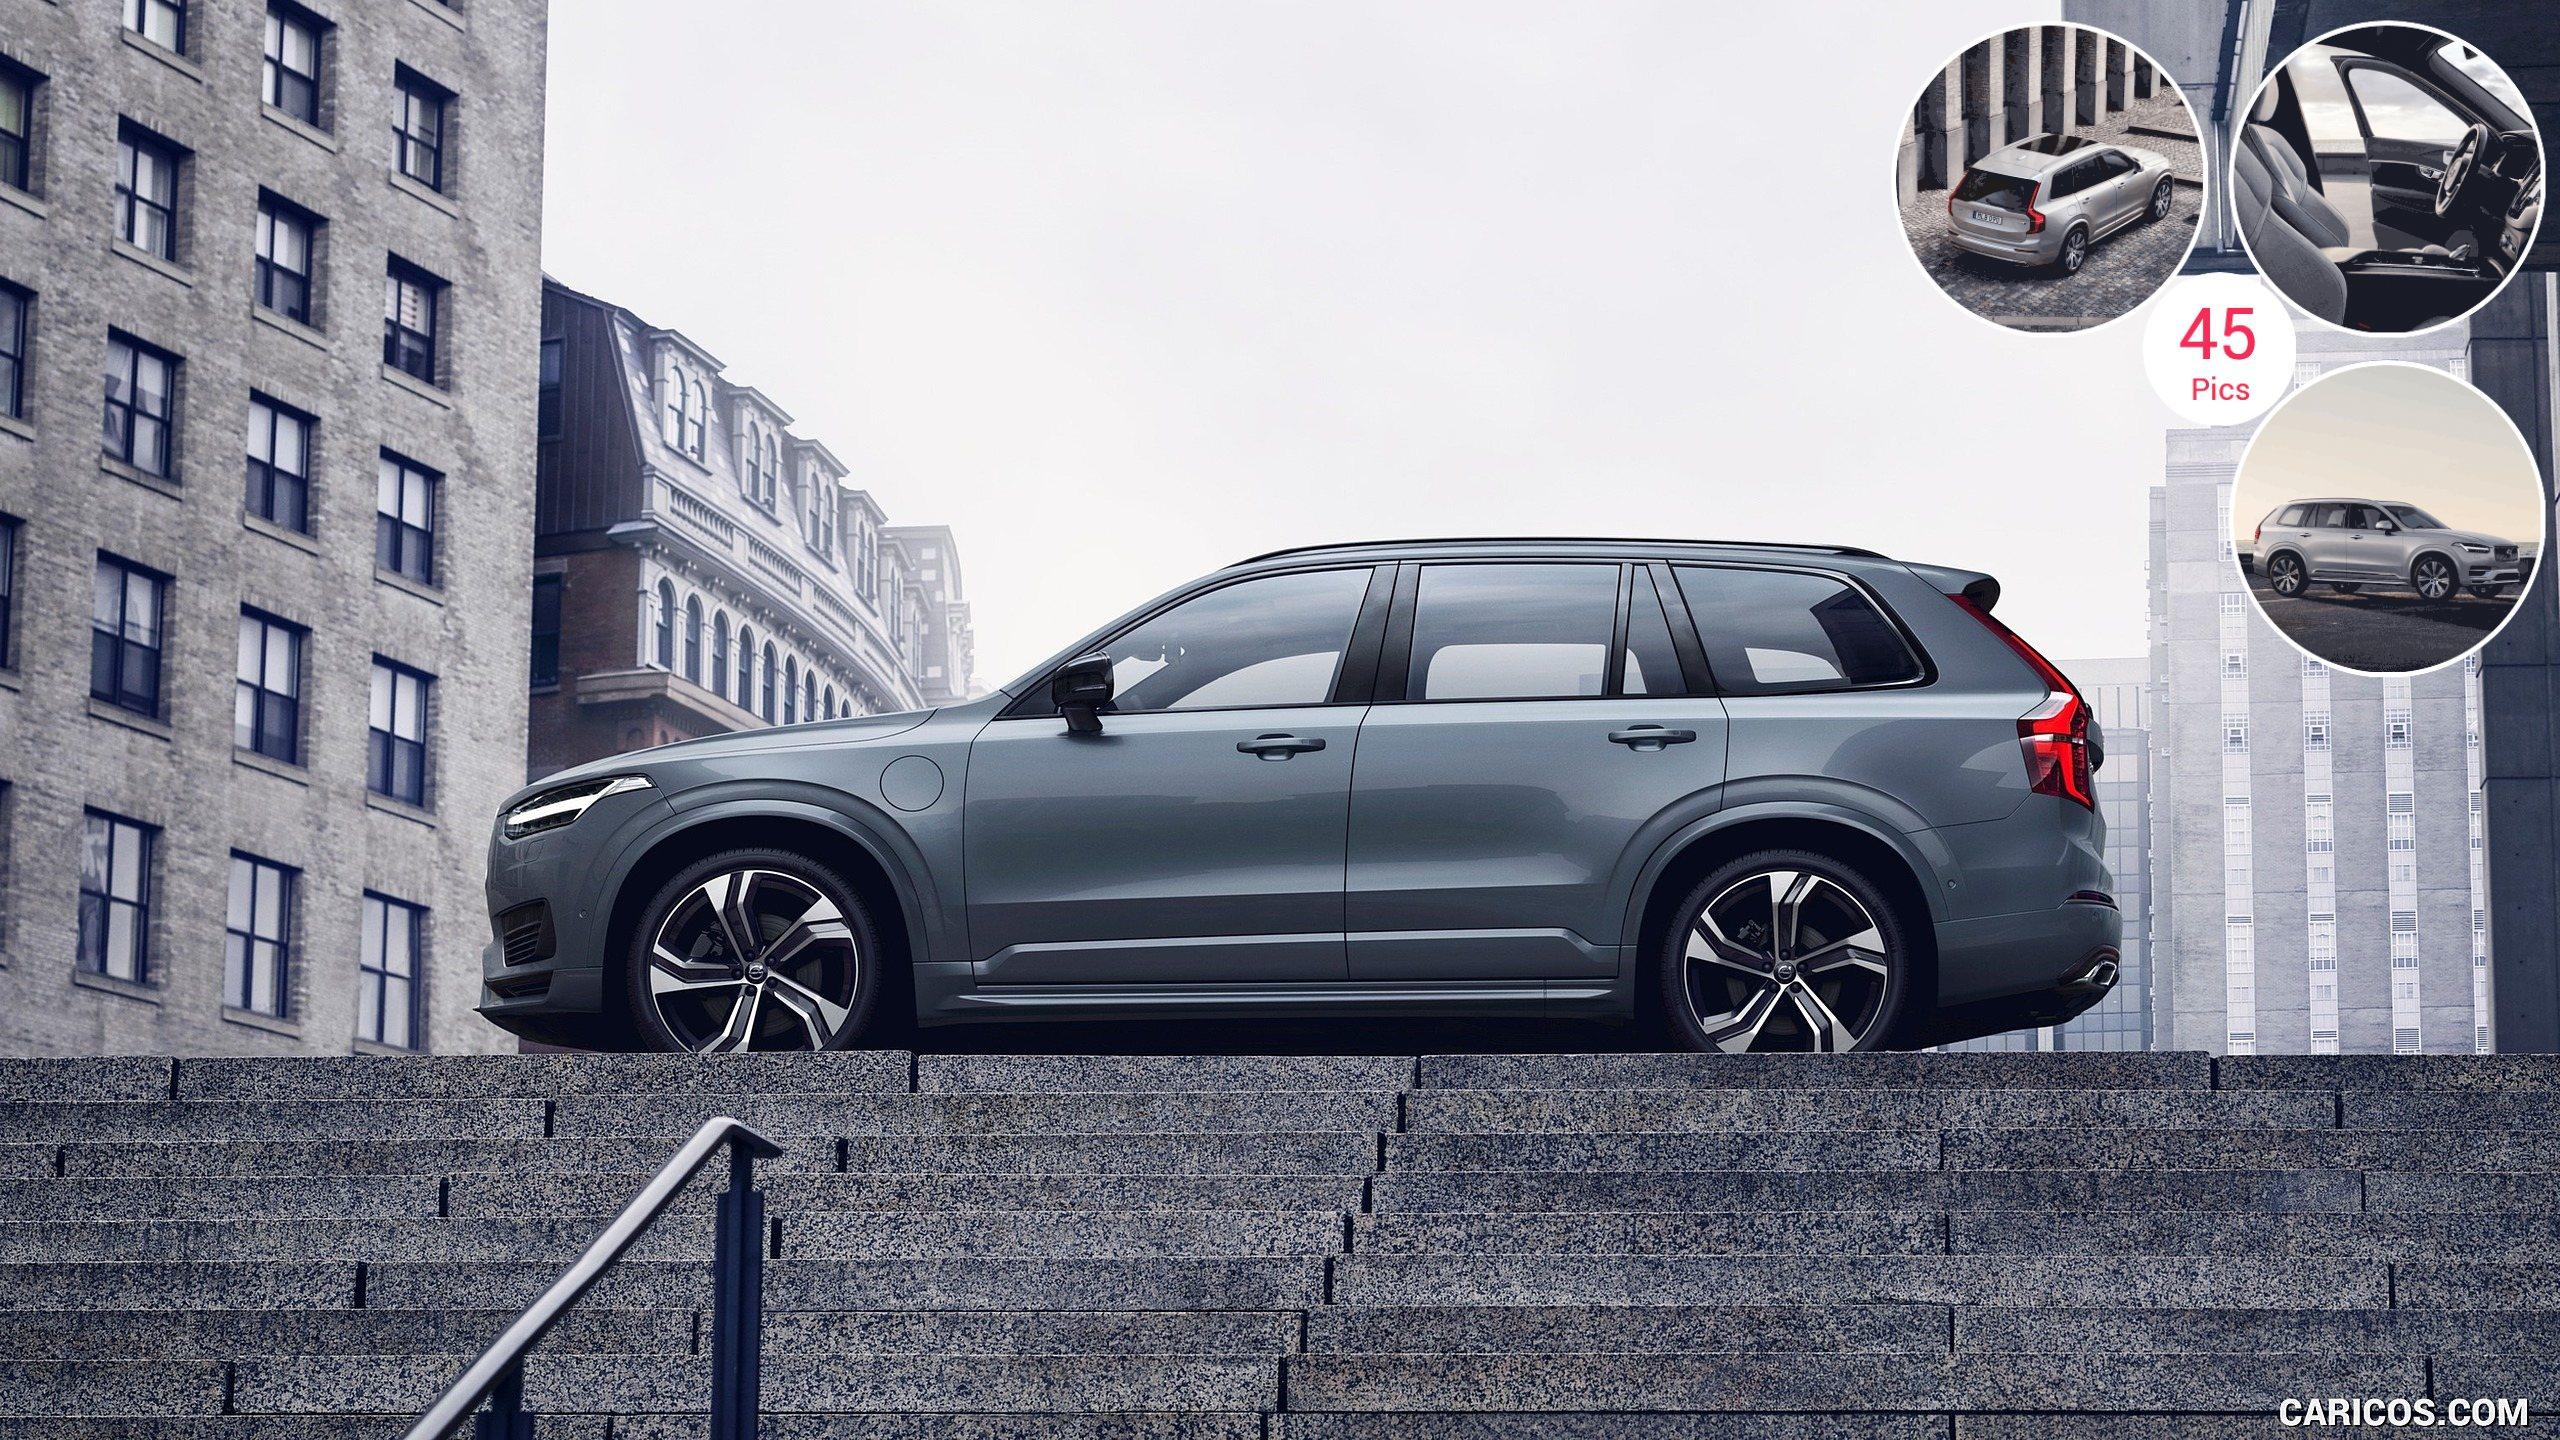 Автомобиль Volvo XC90 и его достоинства